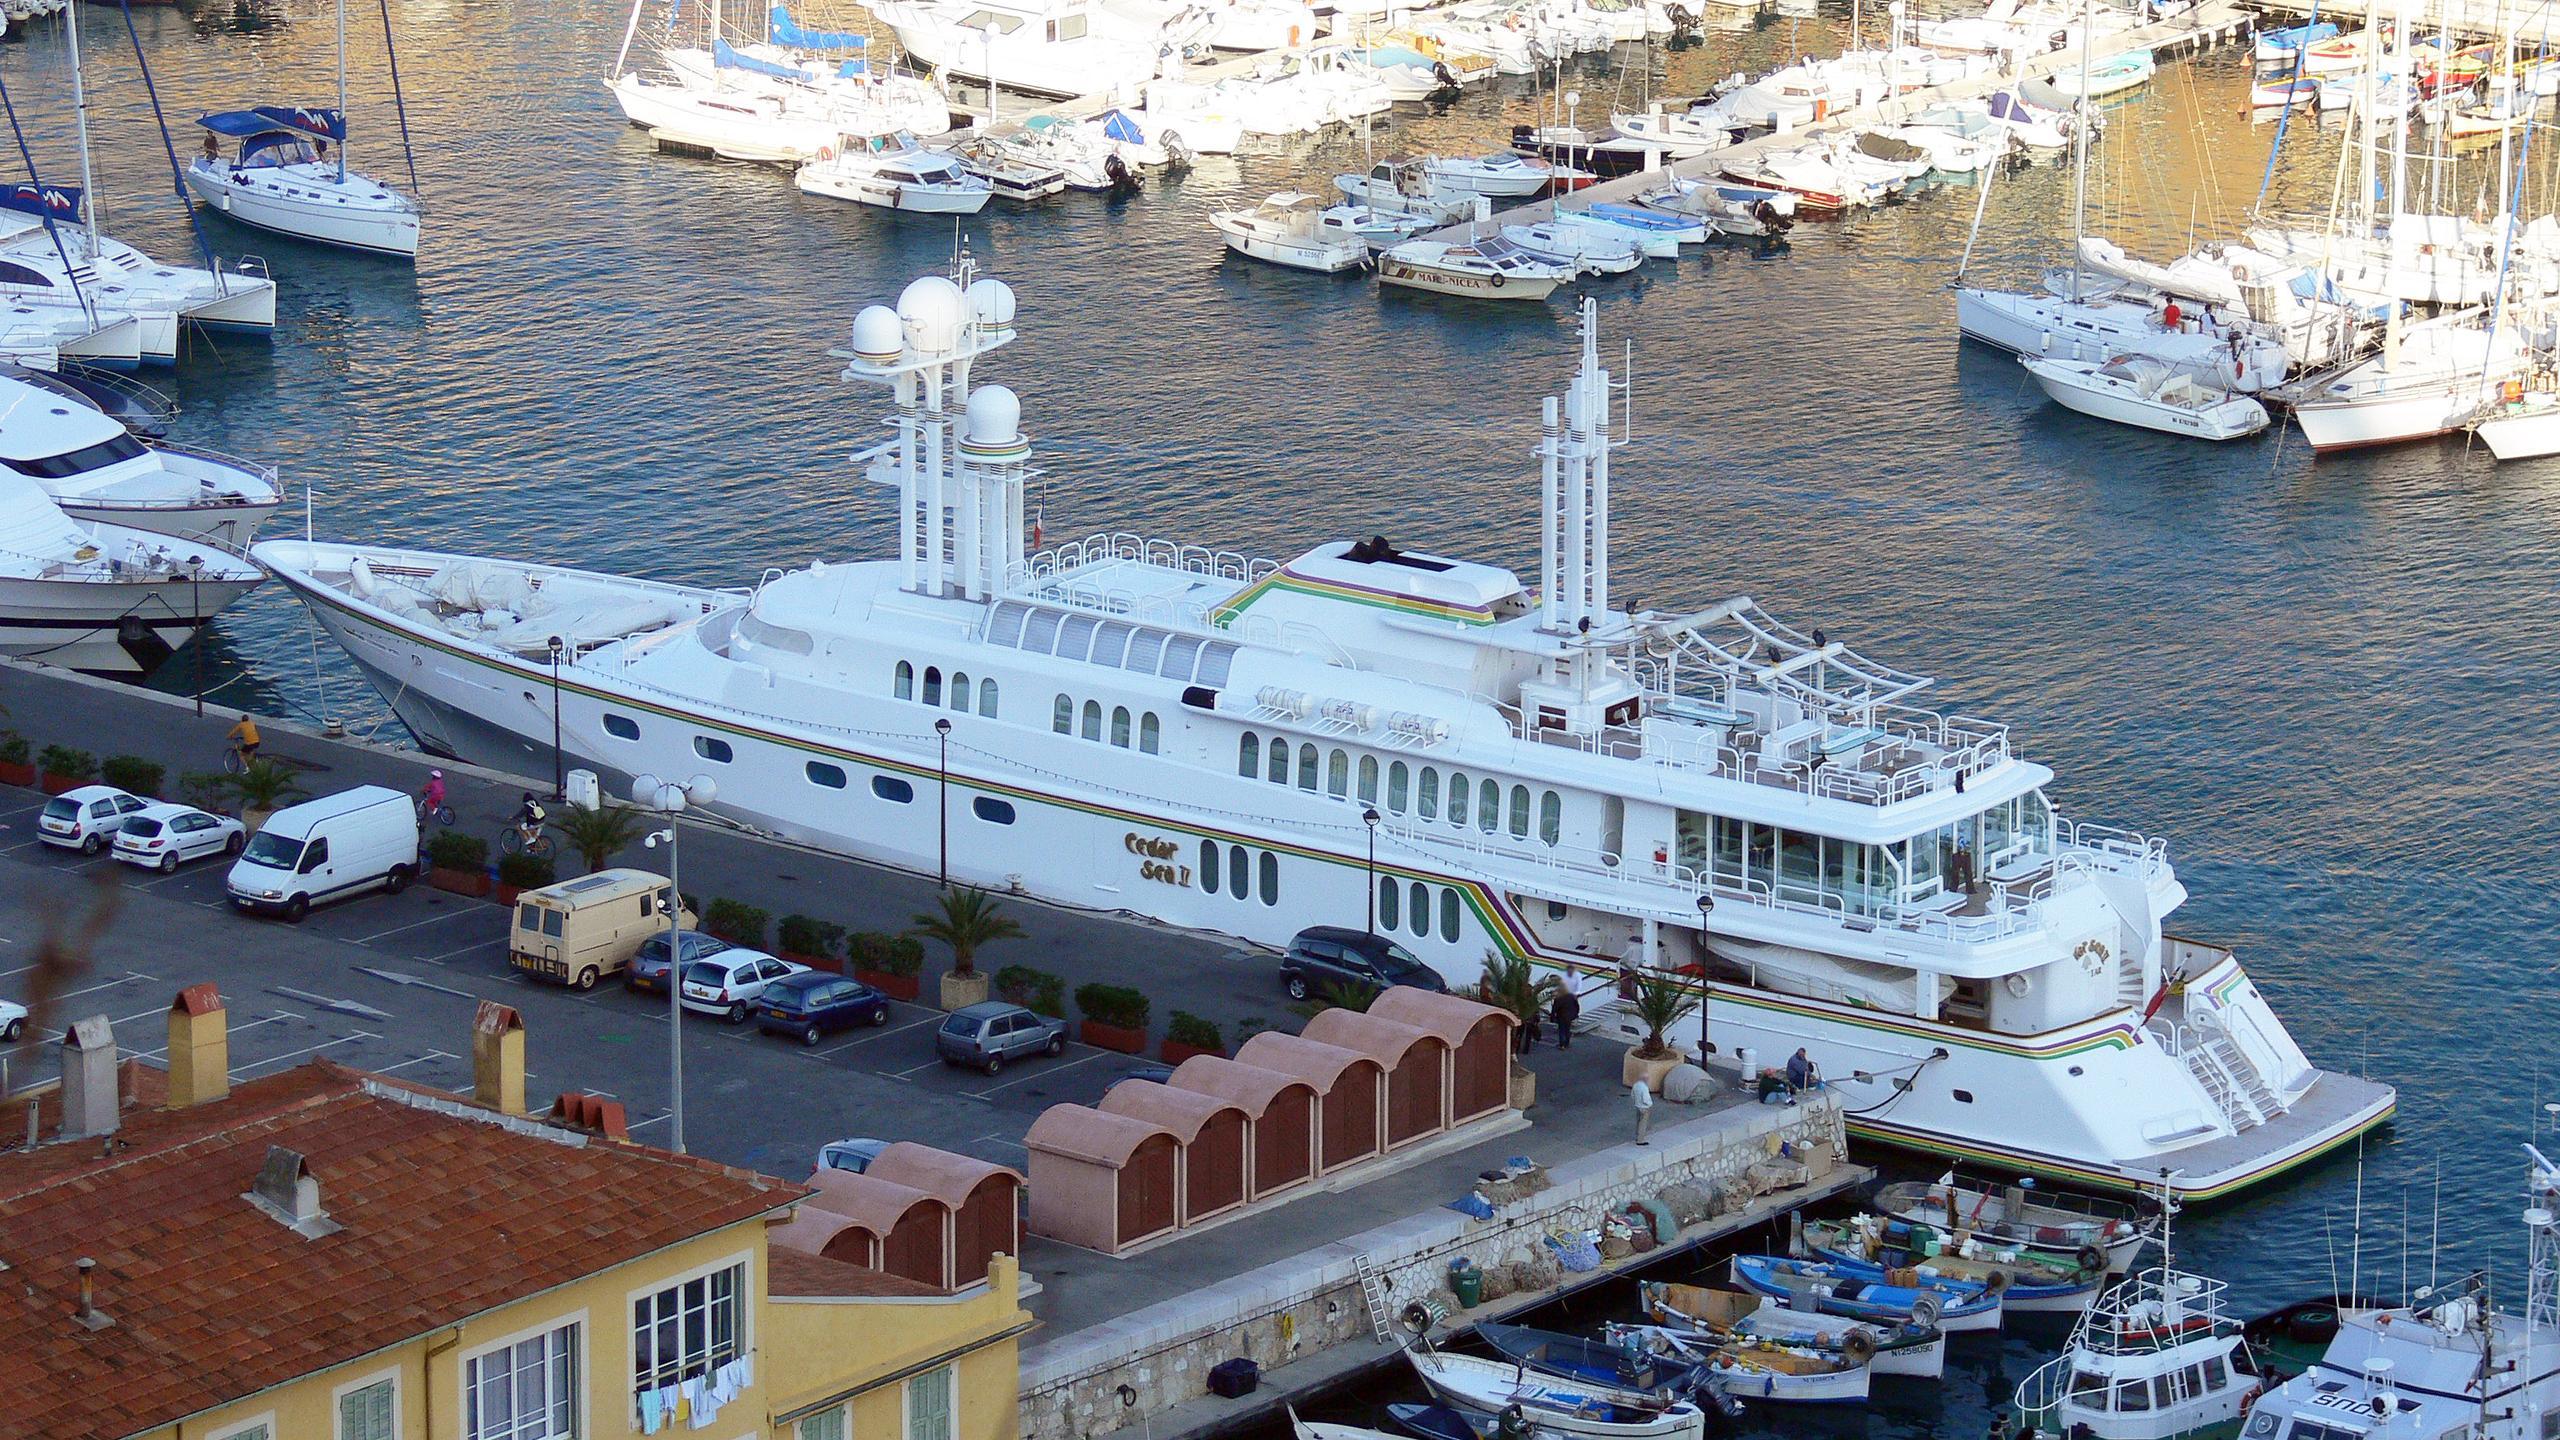 cedar-sea-ii-motor-yacht-feadship-1986-65m-aerial-stern